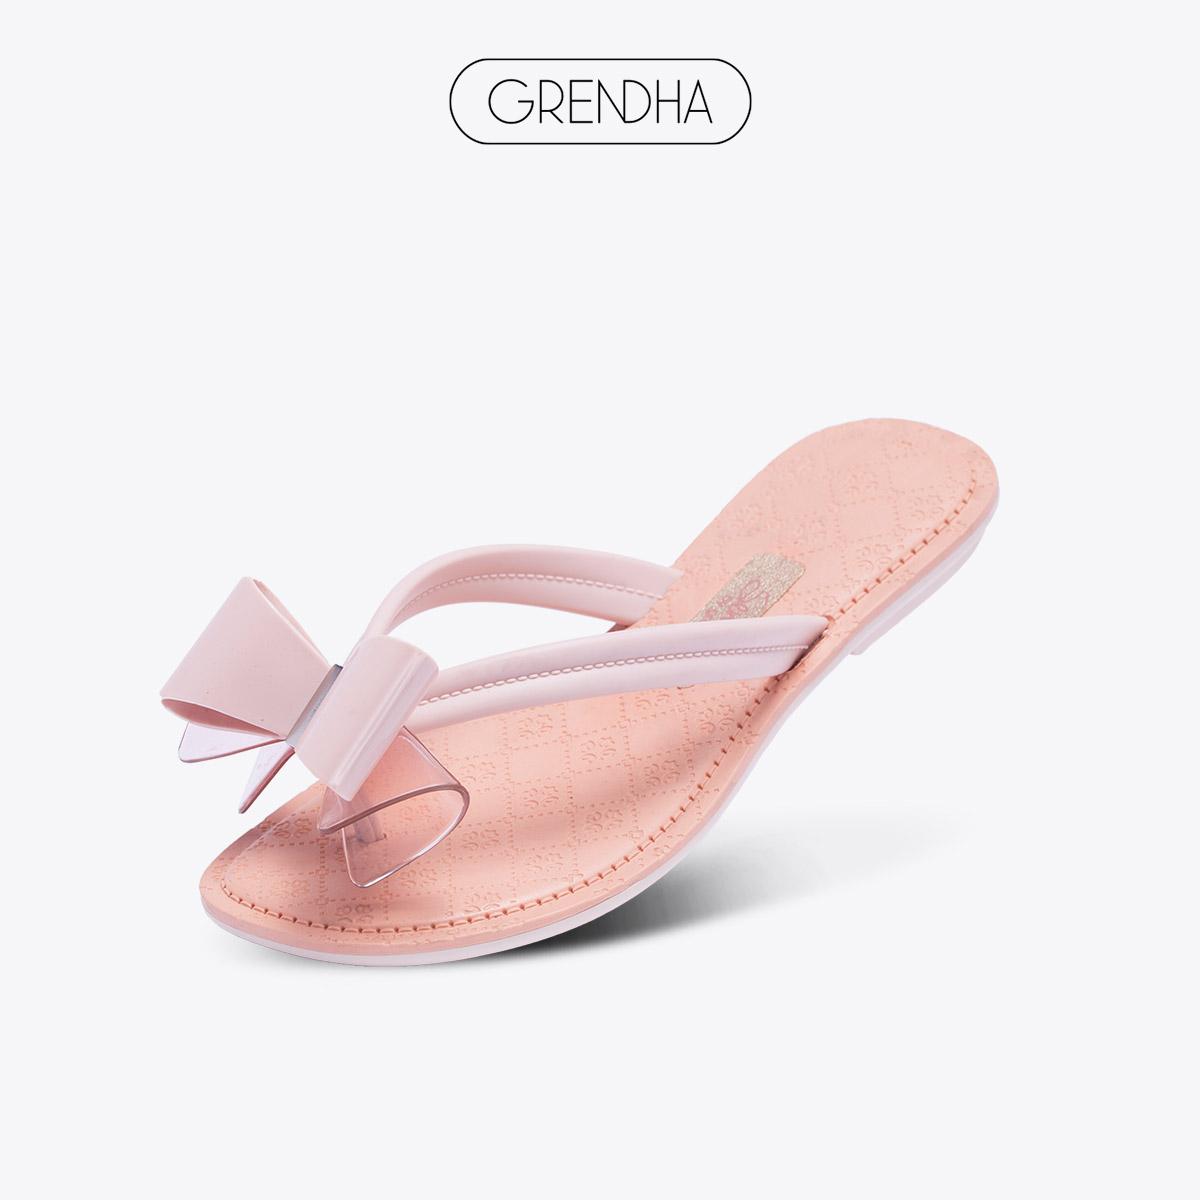 【特价】grendha感官系列进口蝴蝶结中童人字拖淑女气质女童拖鞋